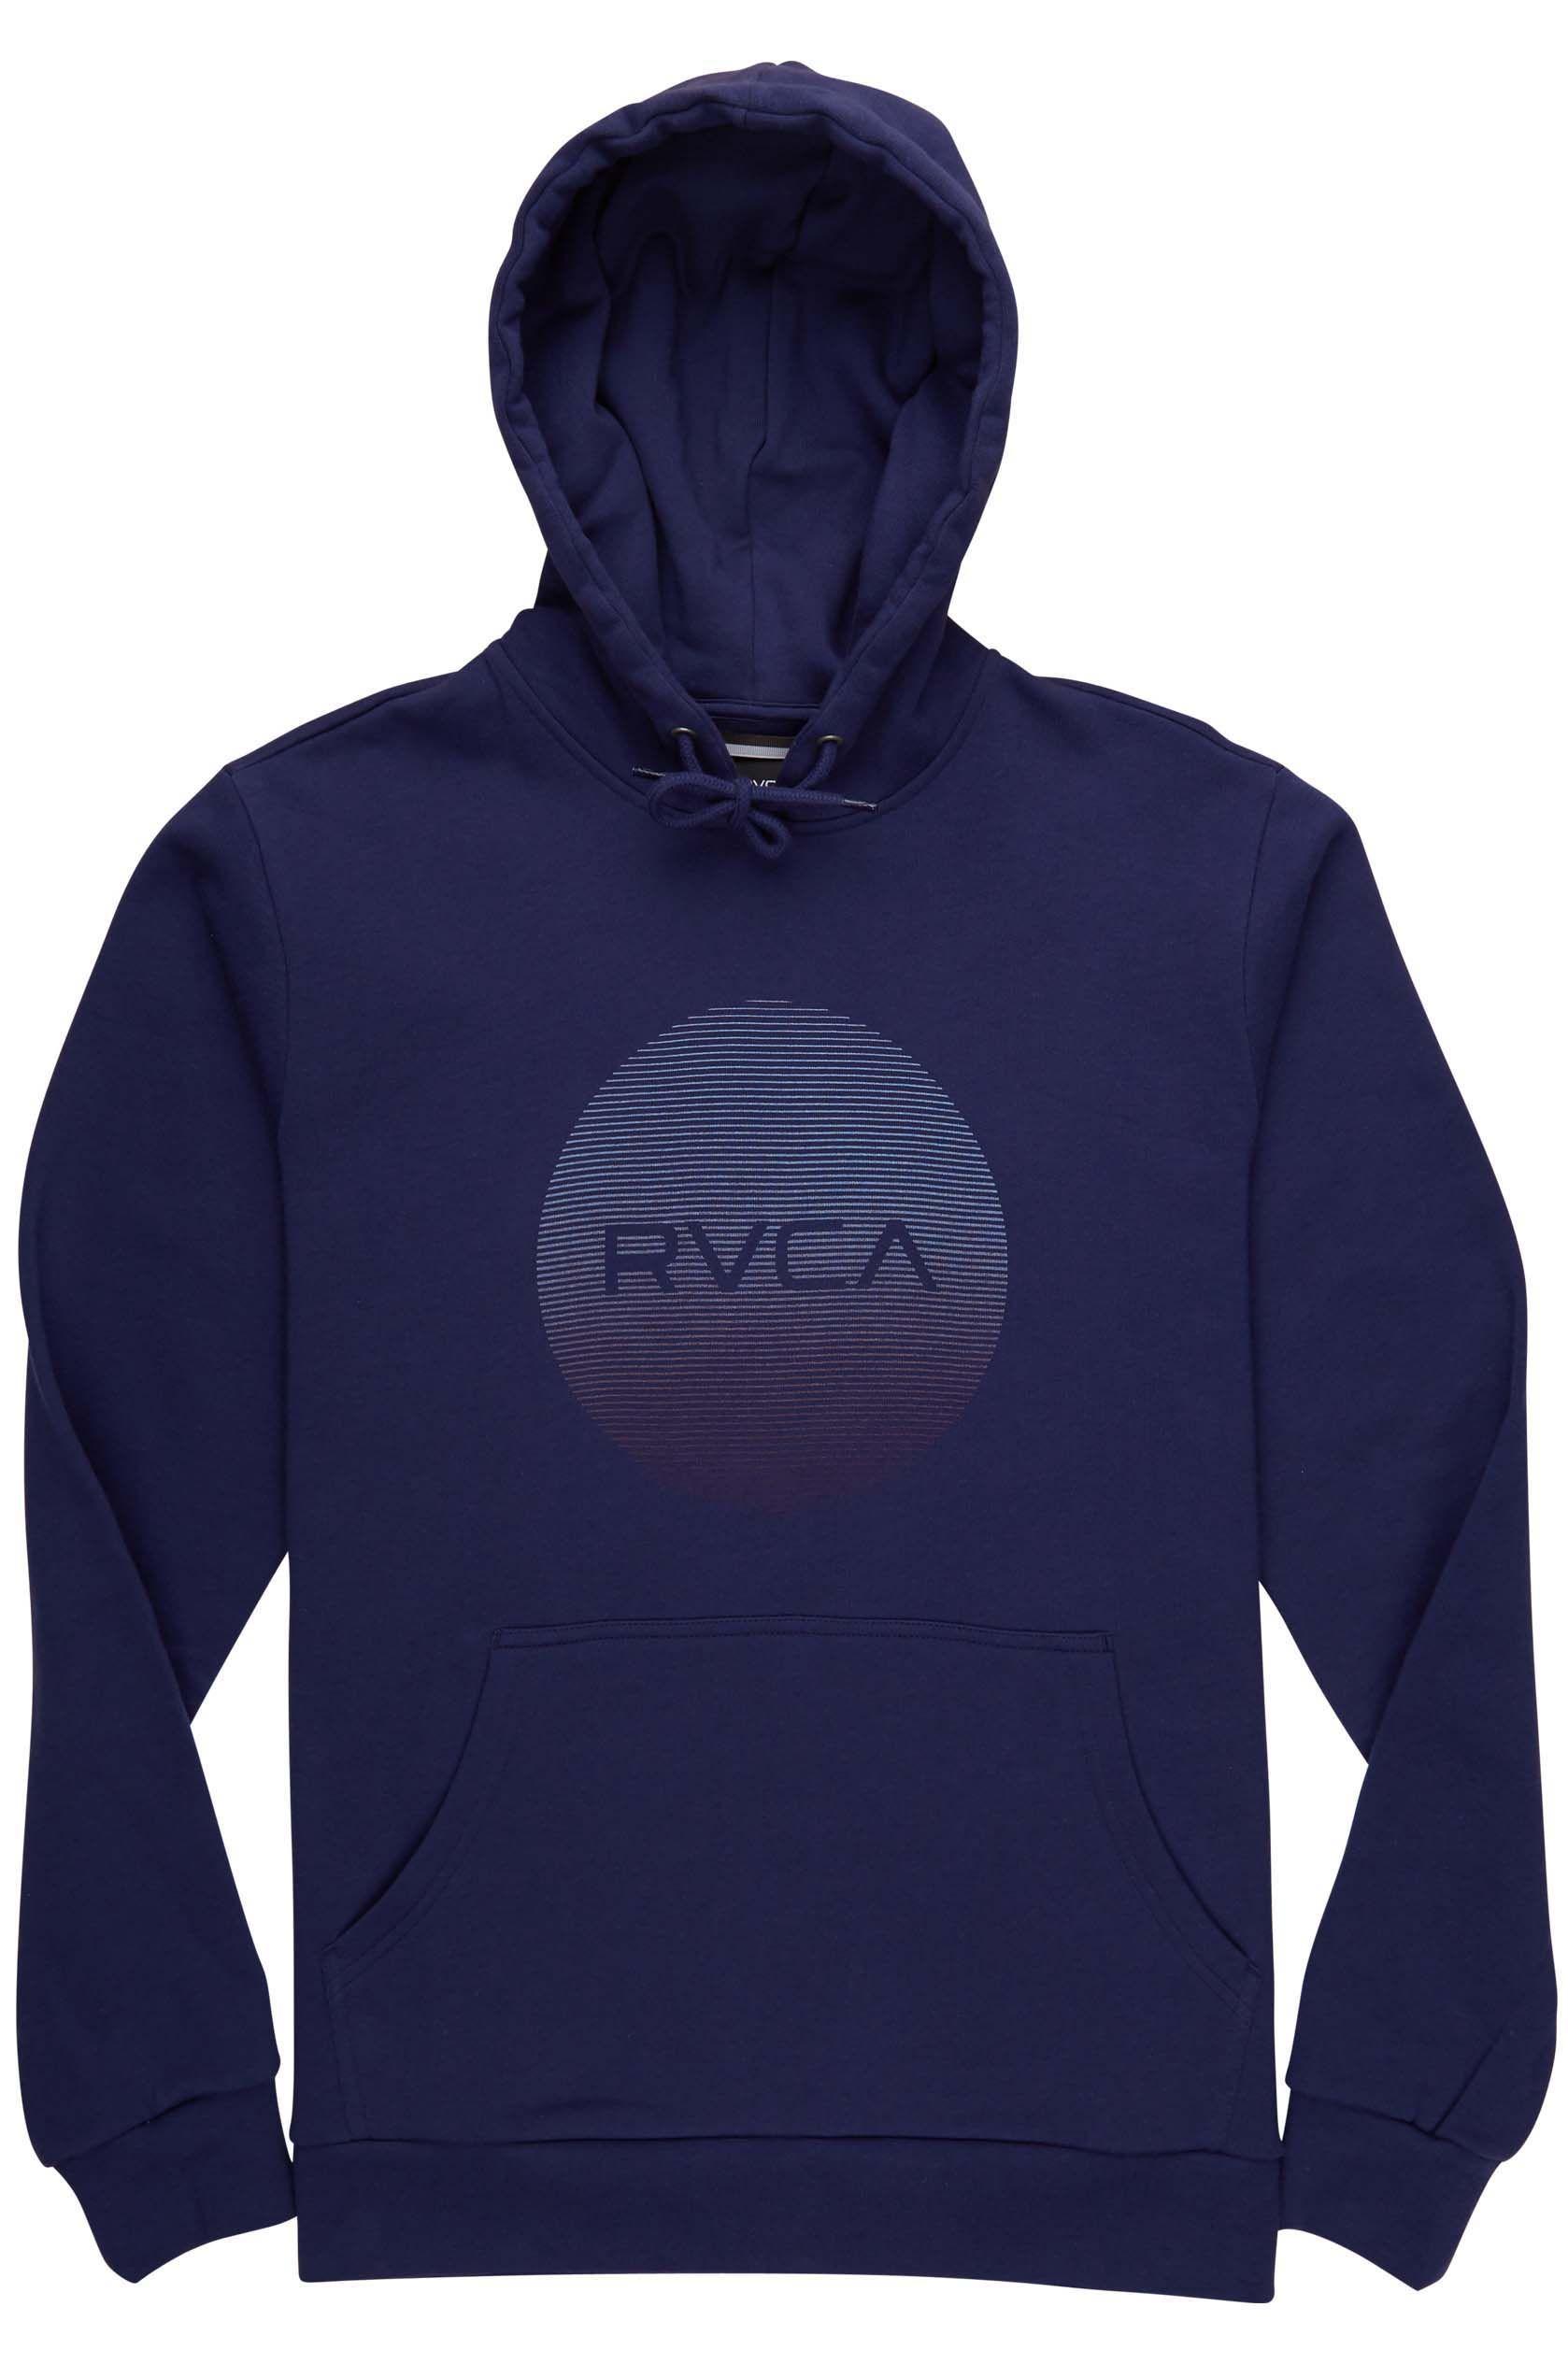 Sweat Capuz RVCA RVCA MOTORS Blue Depths